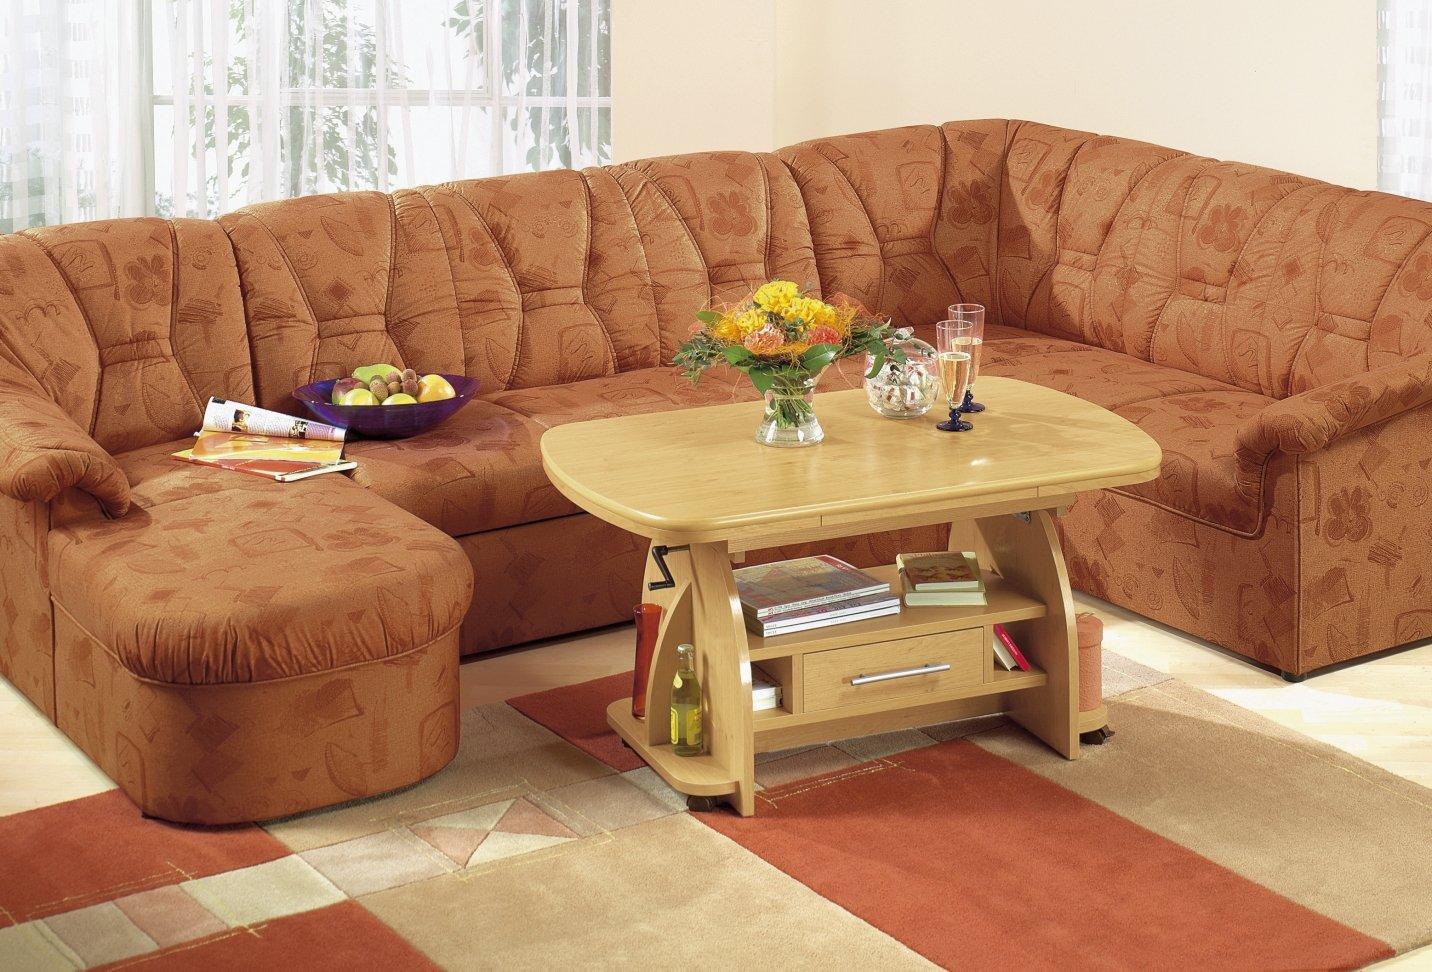 couchtisch rotbuche buche erle h henverstellbar. Black Bedroom Furniture Sets. Home Design Ideas